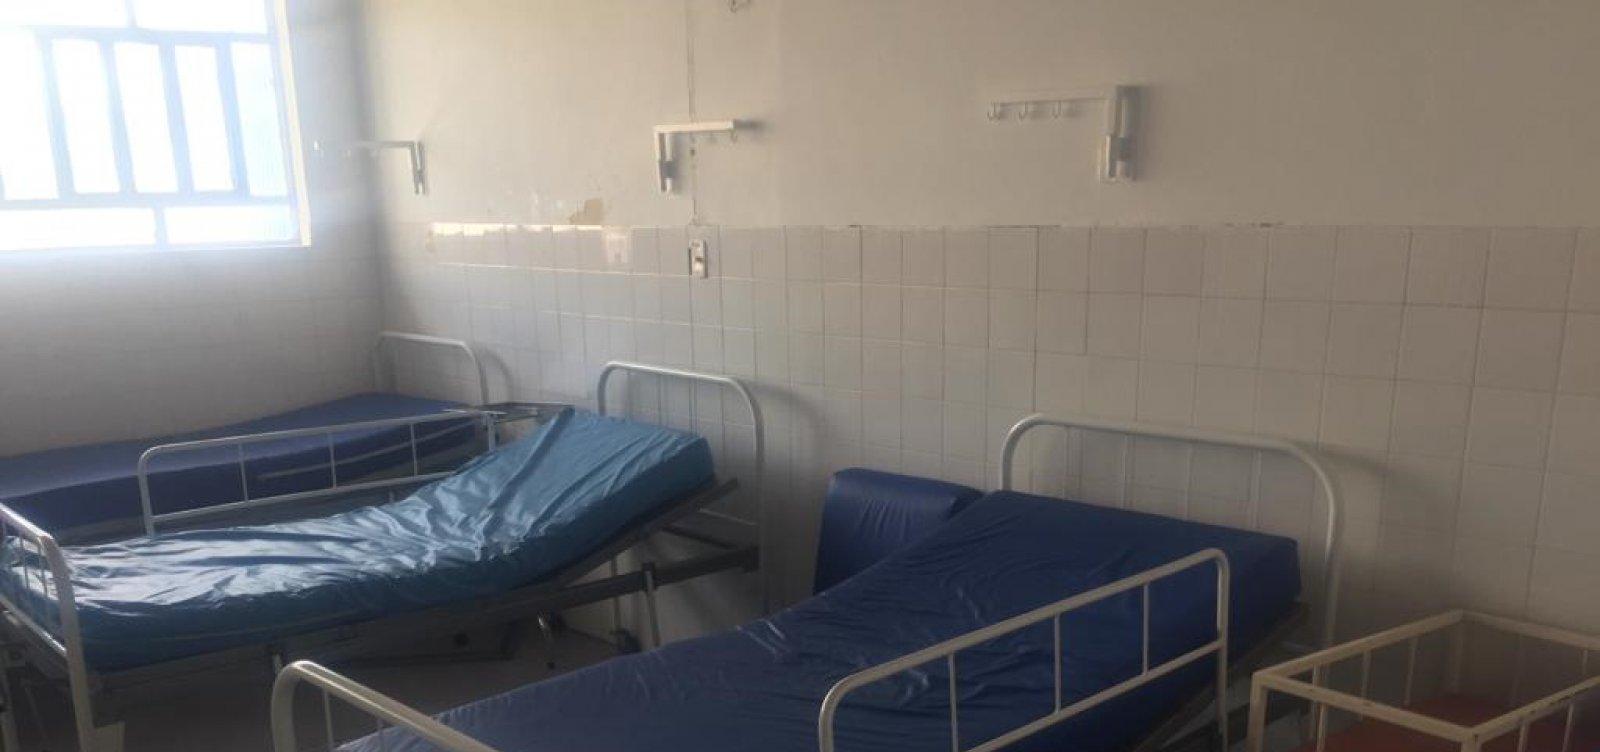 Diversas irregularidades são identificadas em hospital de Araci